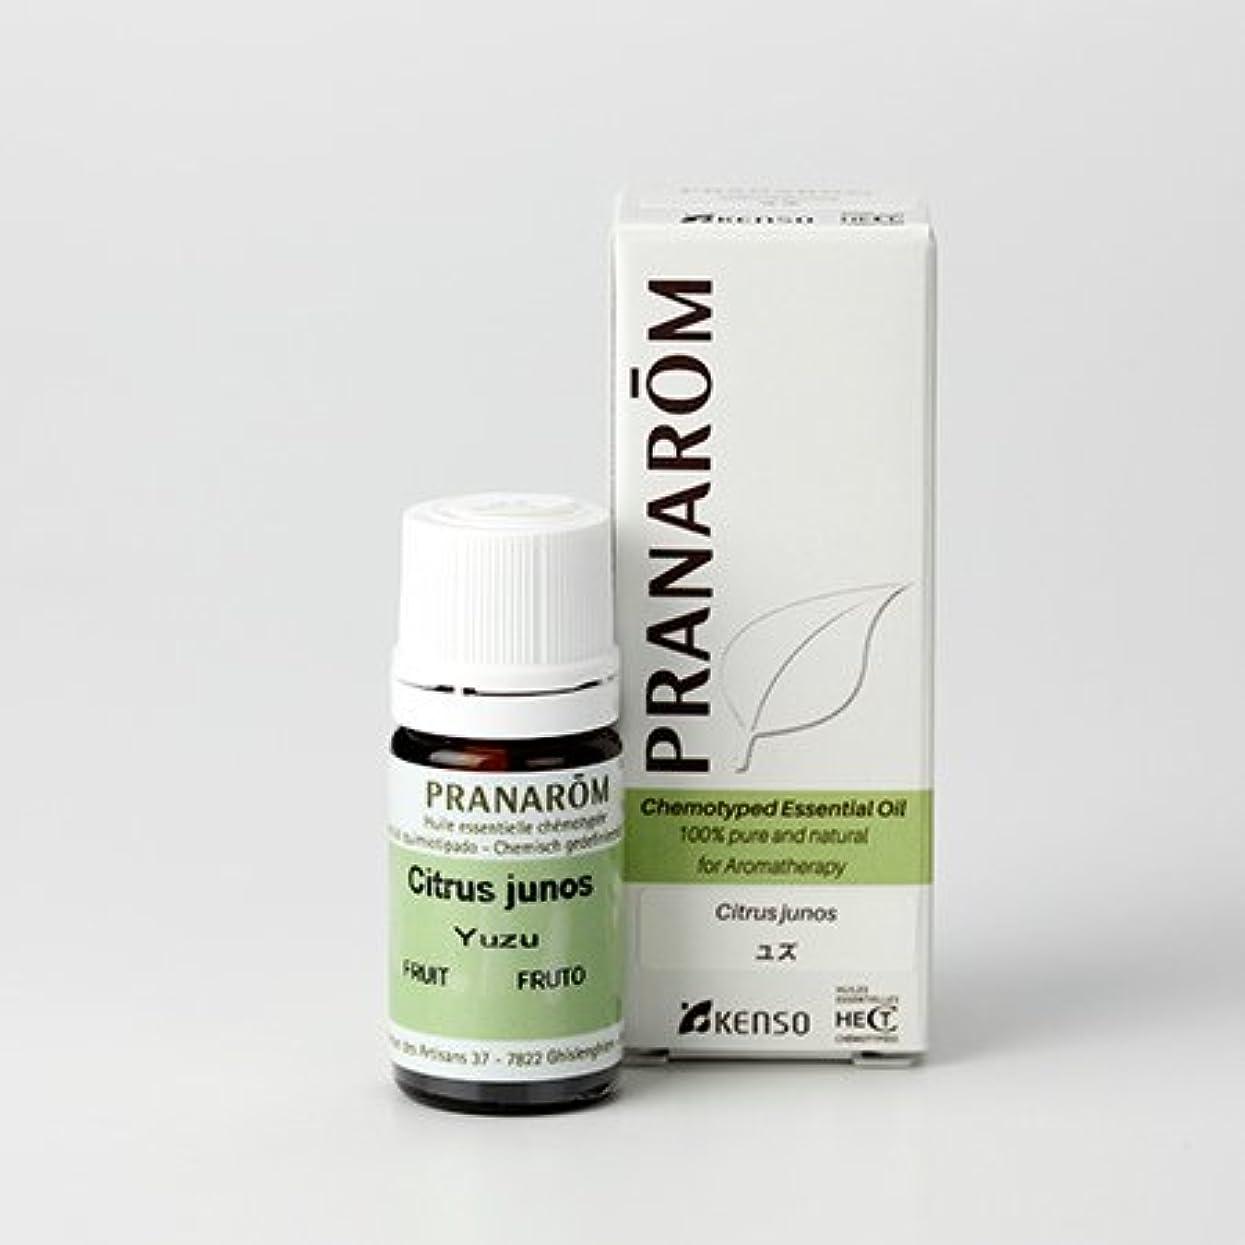 イライラするニッケルトイレプラナロム ユズ 5ml (PRANAROM ケモタイプ精油)